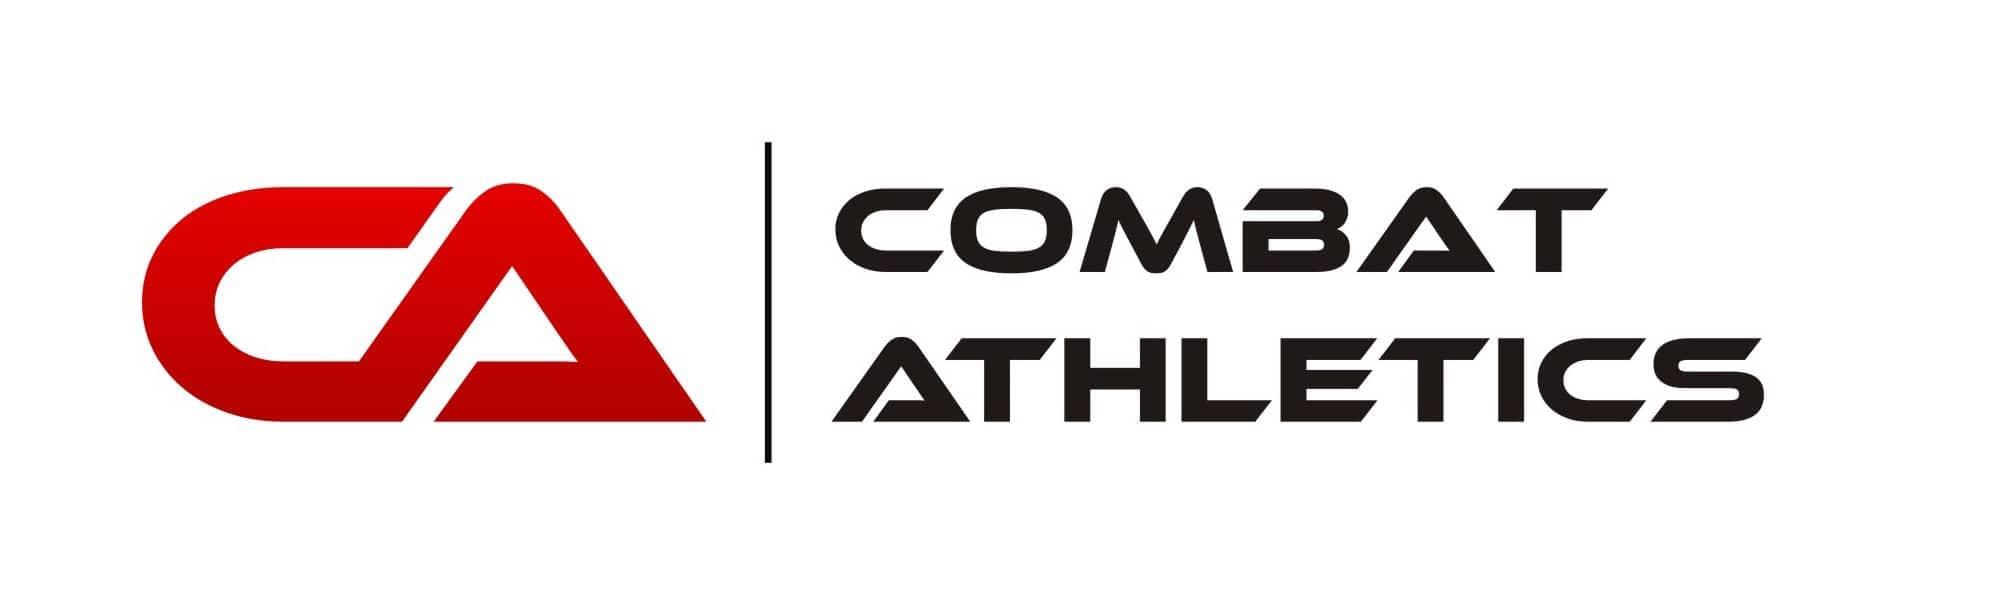 Combat Athletics